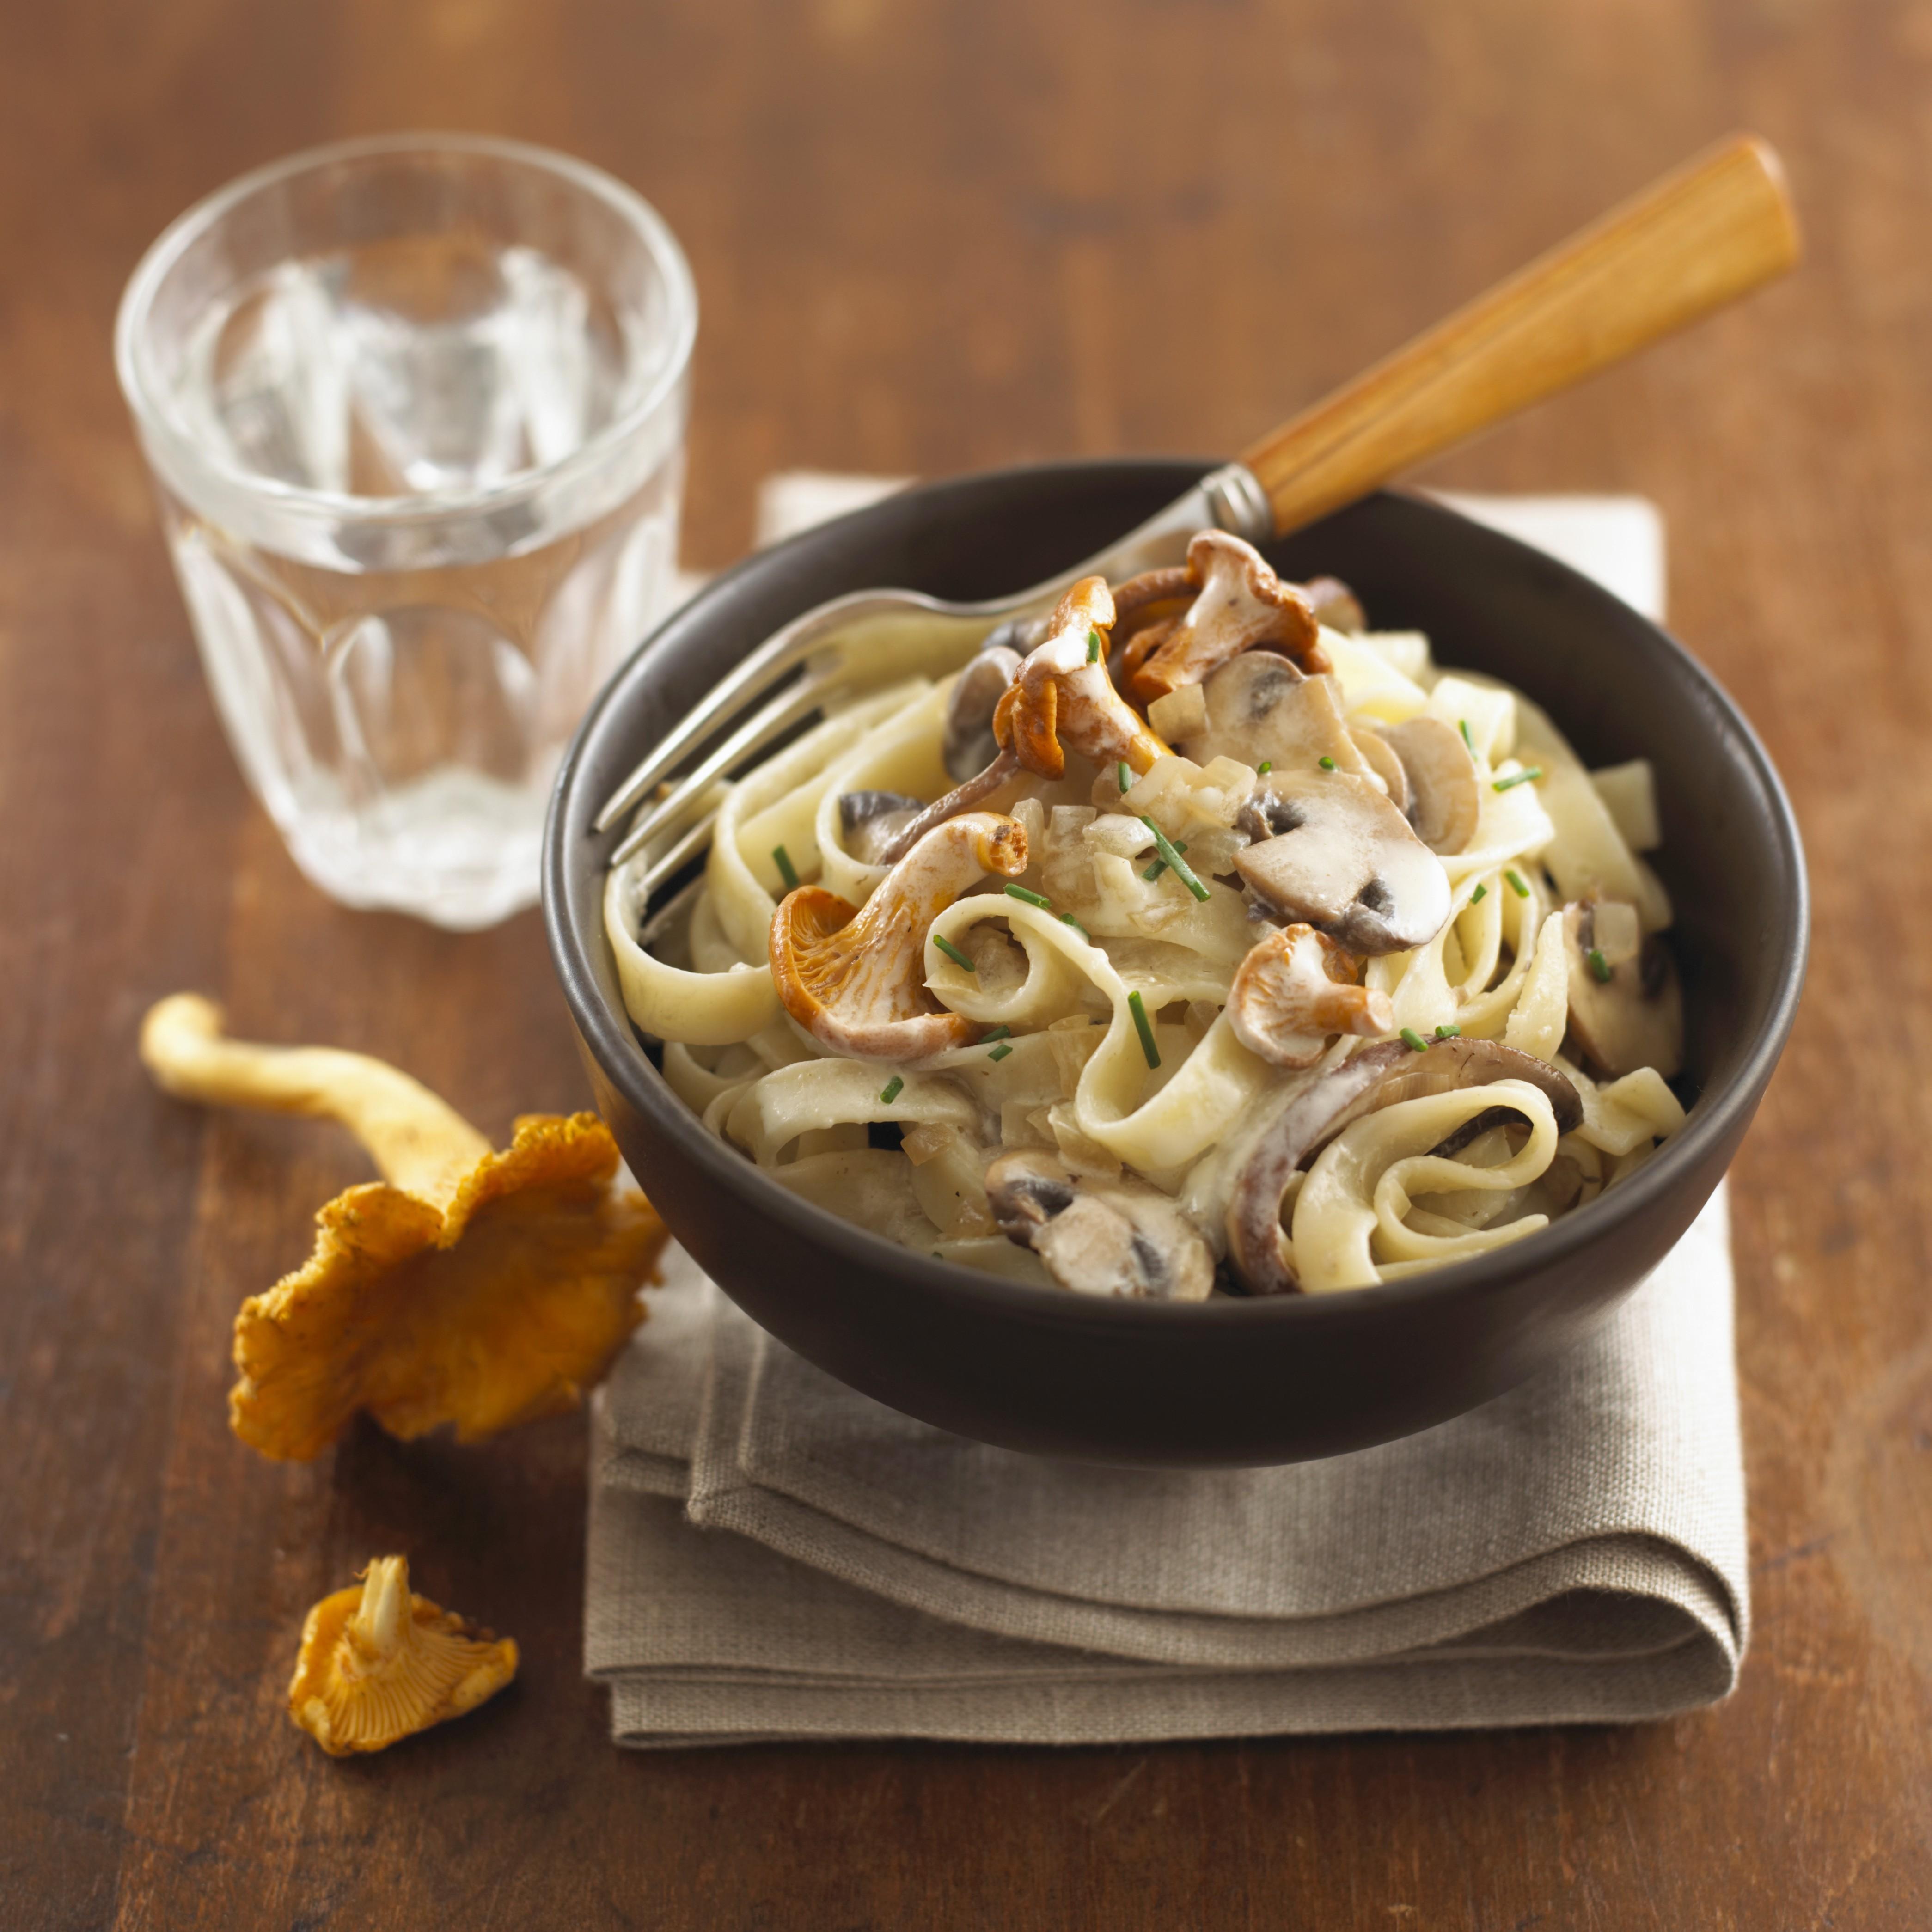 Ricetta tagliatelle panna e funghi agrodolce - Ricette con la panna da cucina ...